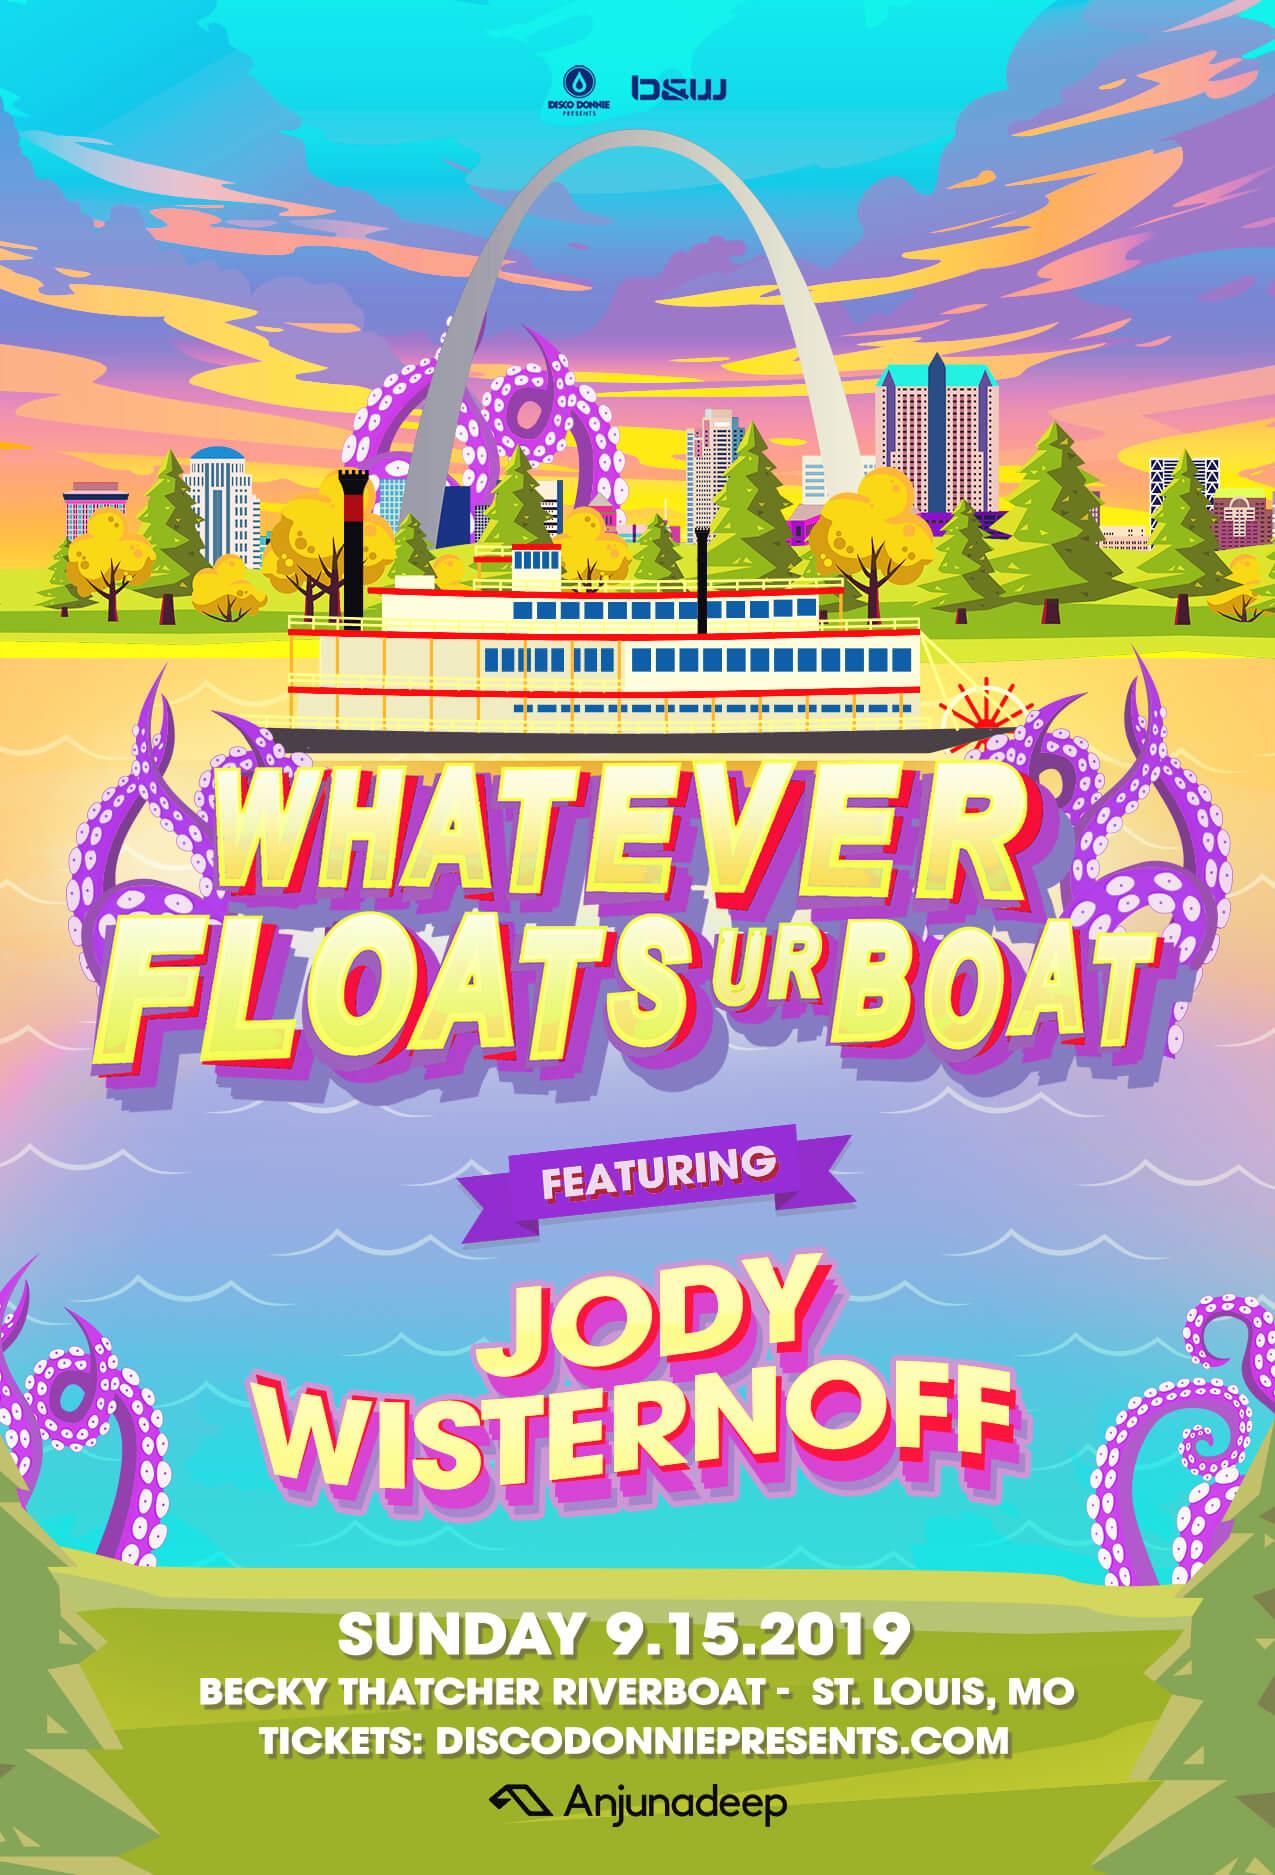 Whatever Floats UR Boat feat. Jody Wisternoff in St Louis